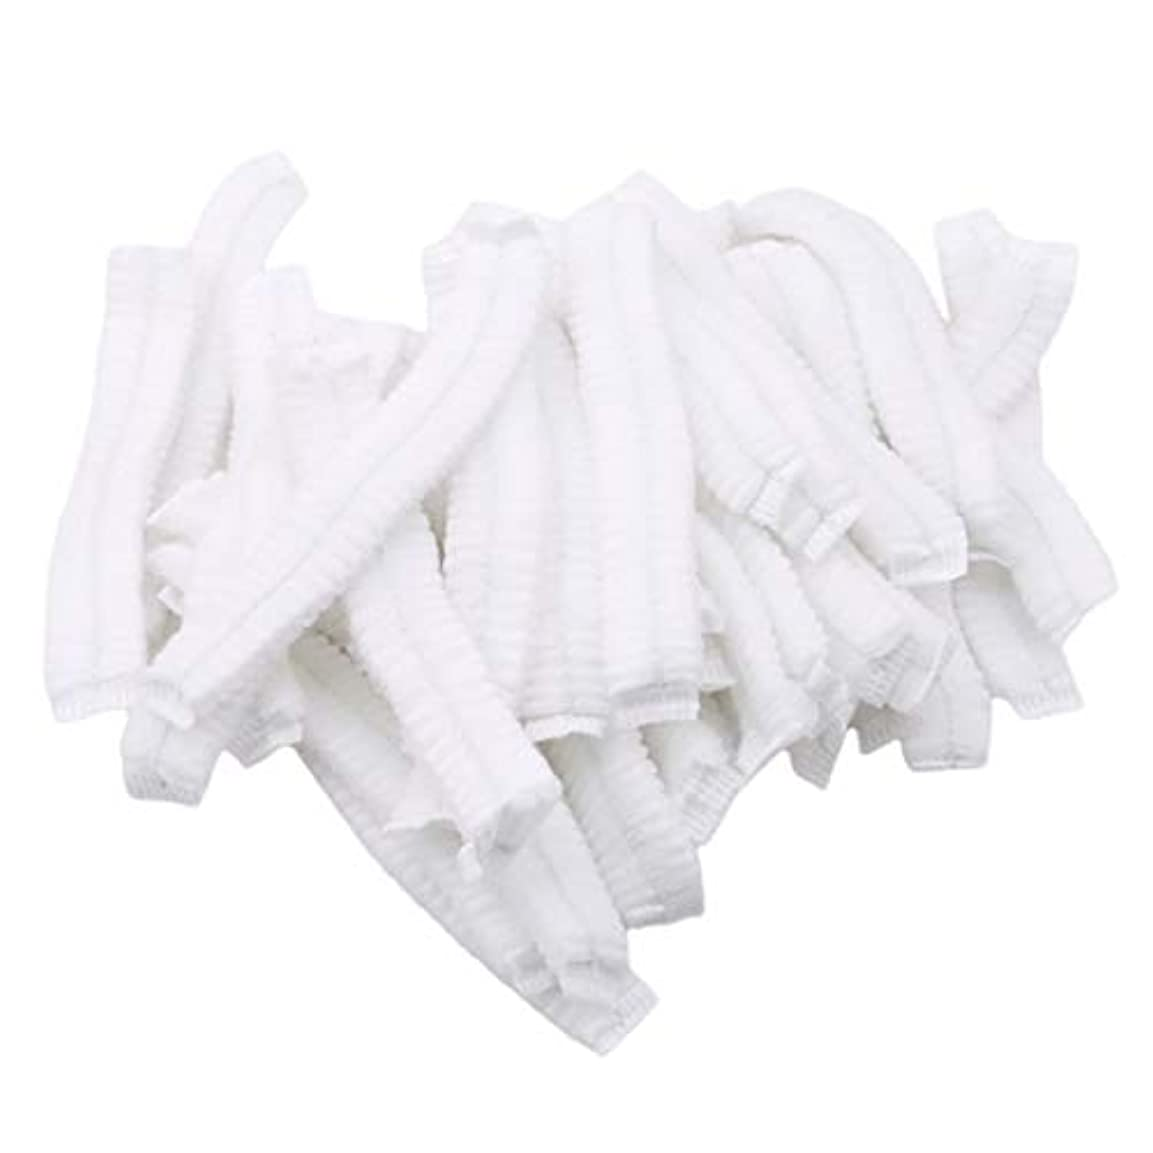 無心夏貞GOMYIE 病院サロンスパダイニングとほこりのない作業エリア用の使い捨て不織布ふわふわ帽子ネット100個(白)